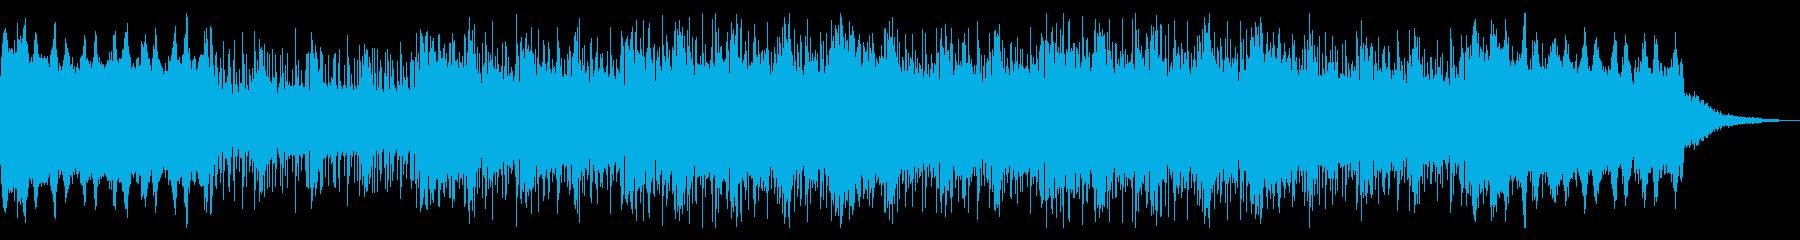 デジタル無機質なインダストリアルの再生済みの波形